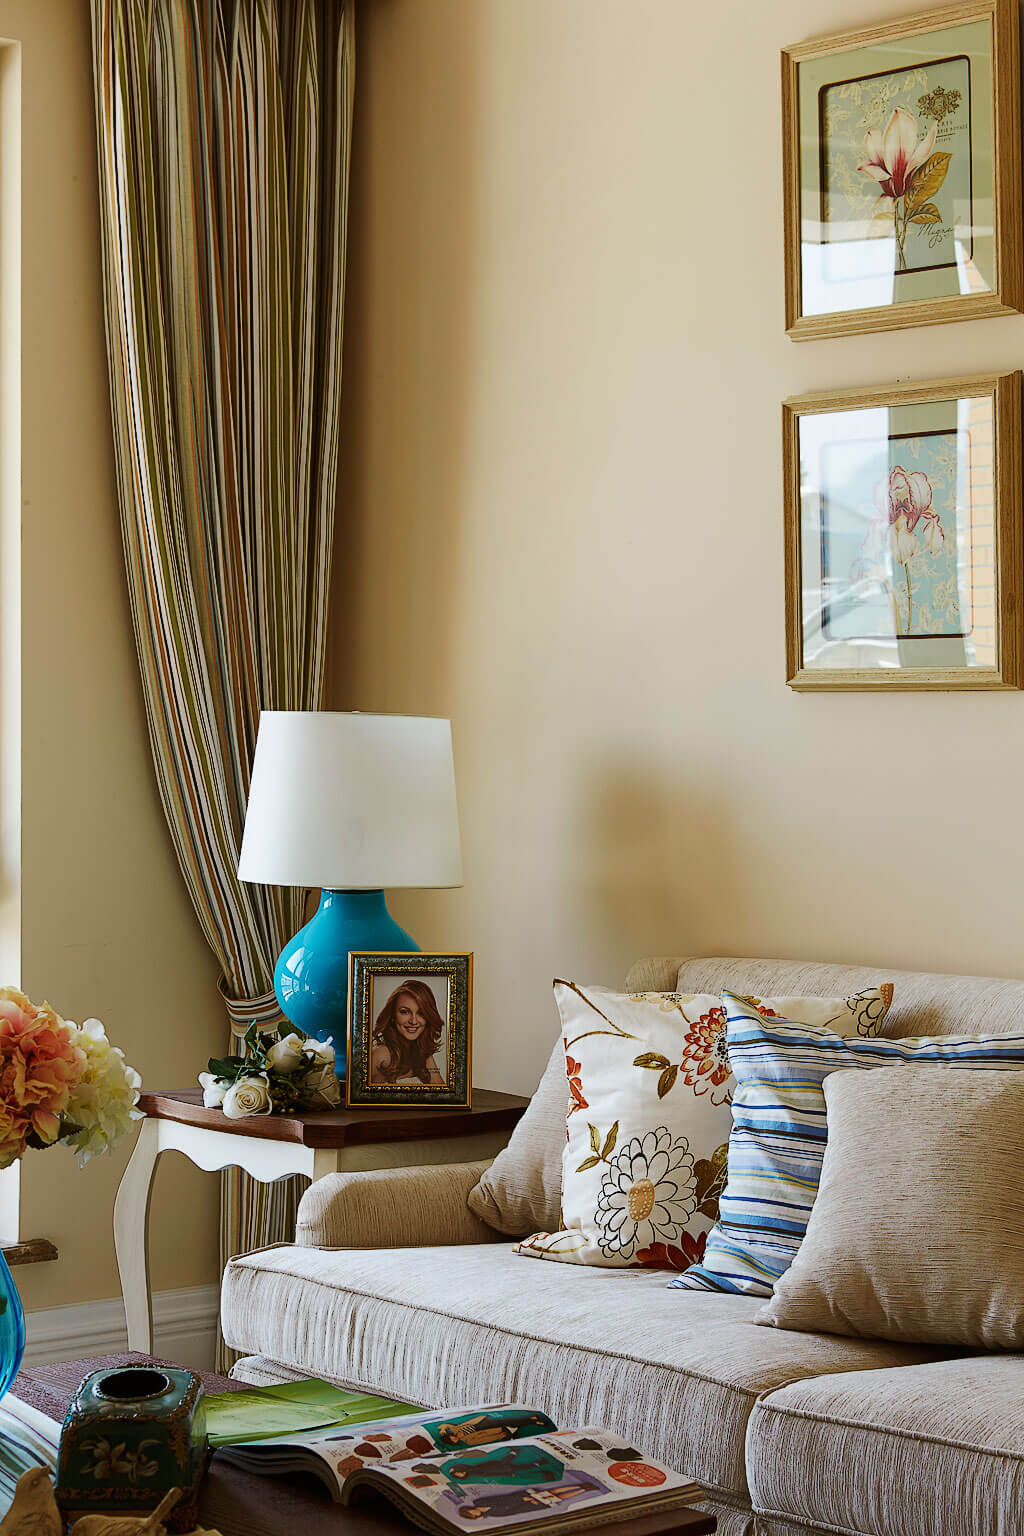 温馨美式风格客厅一角装修效果图